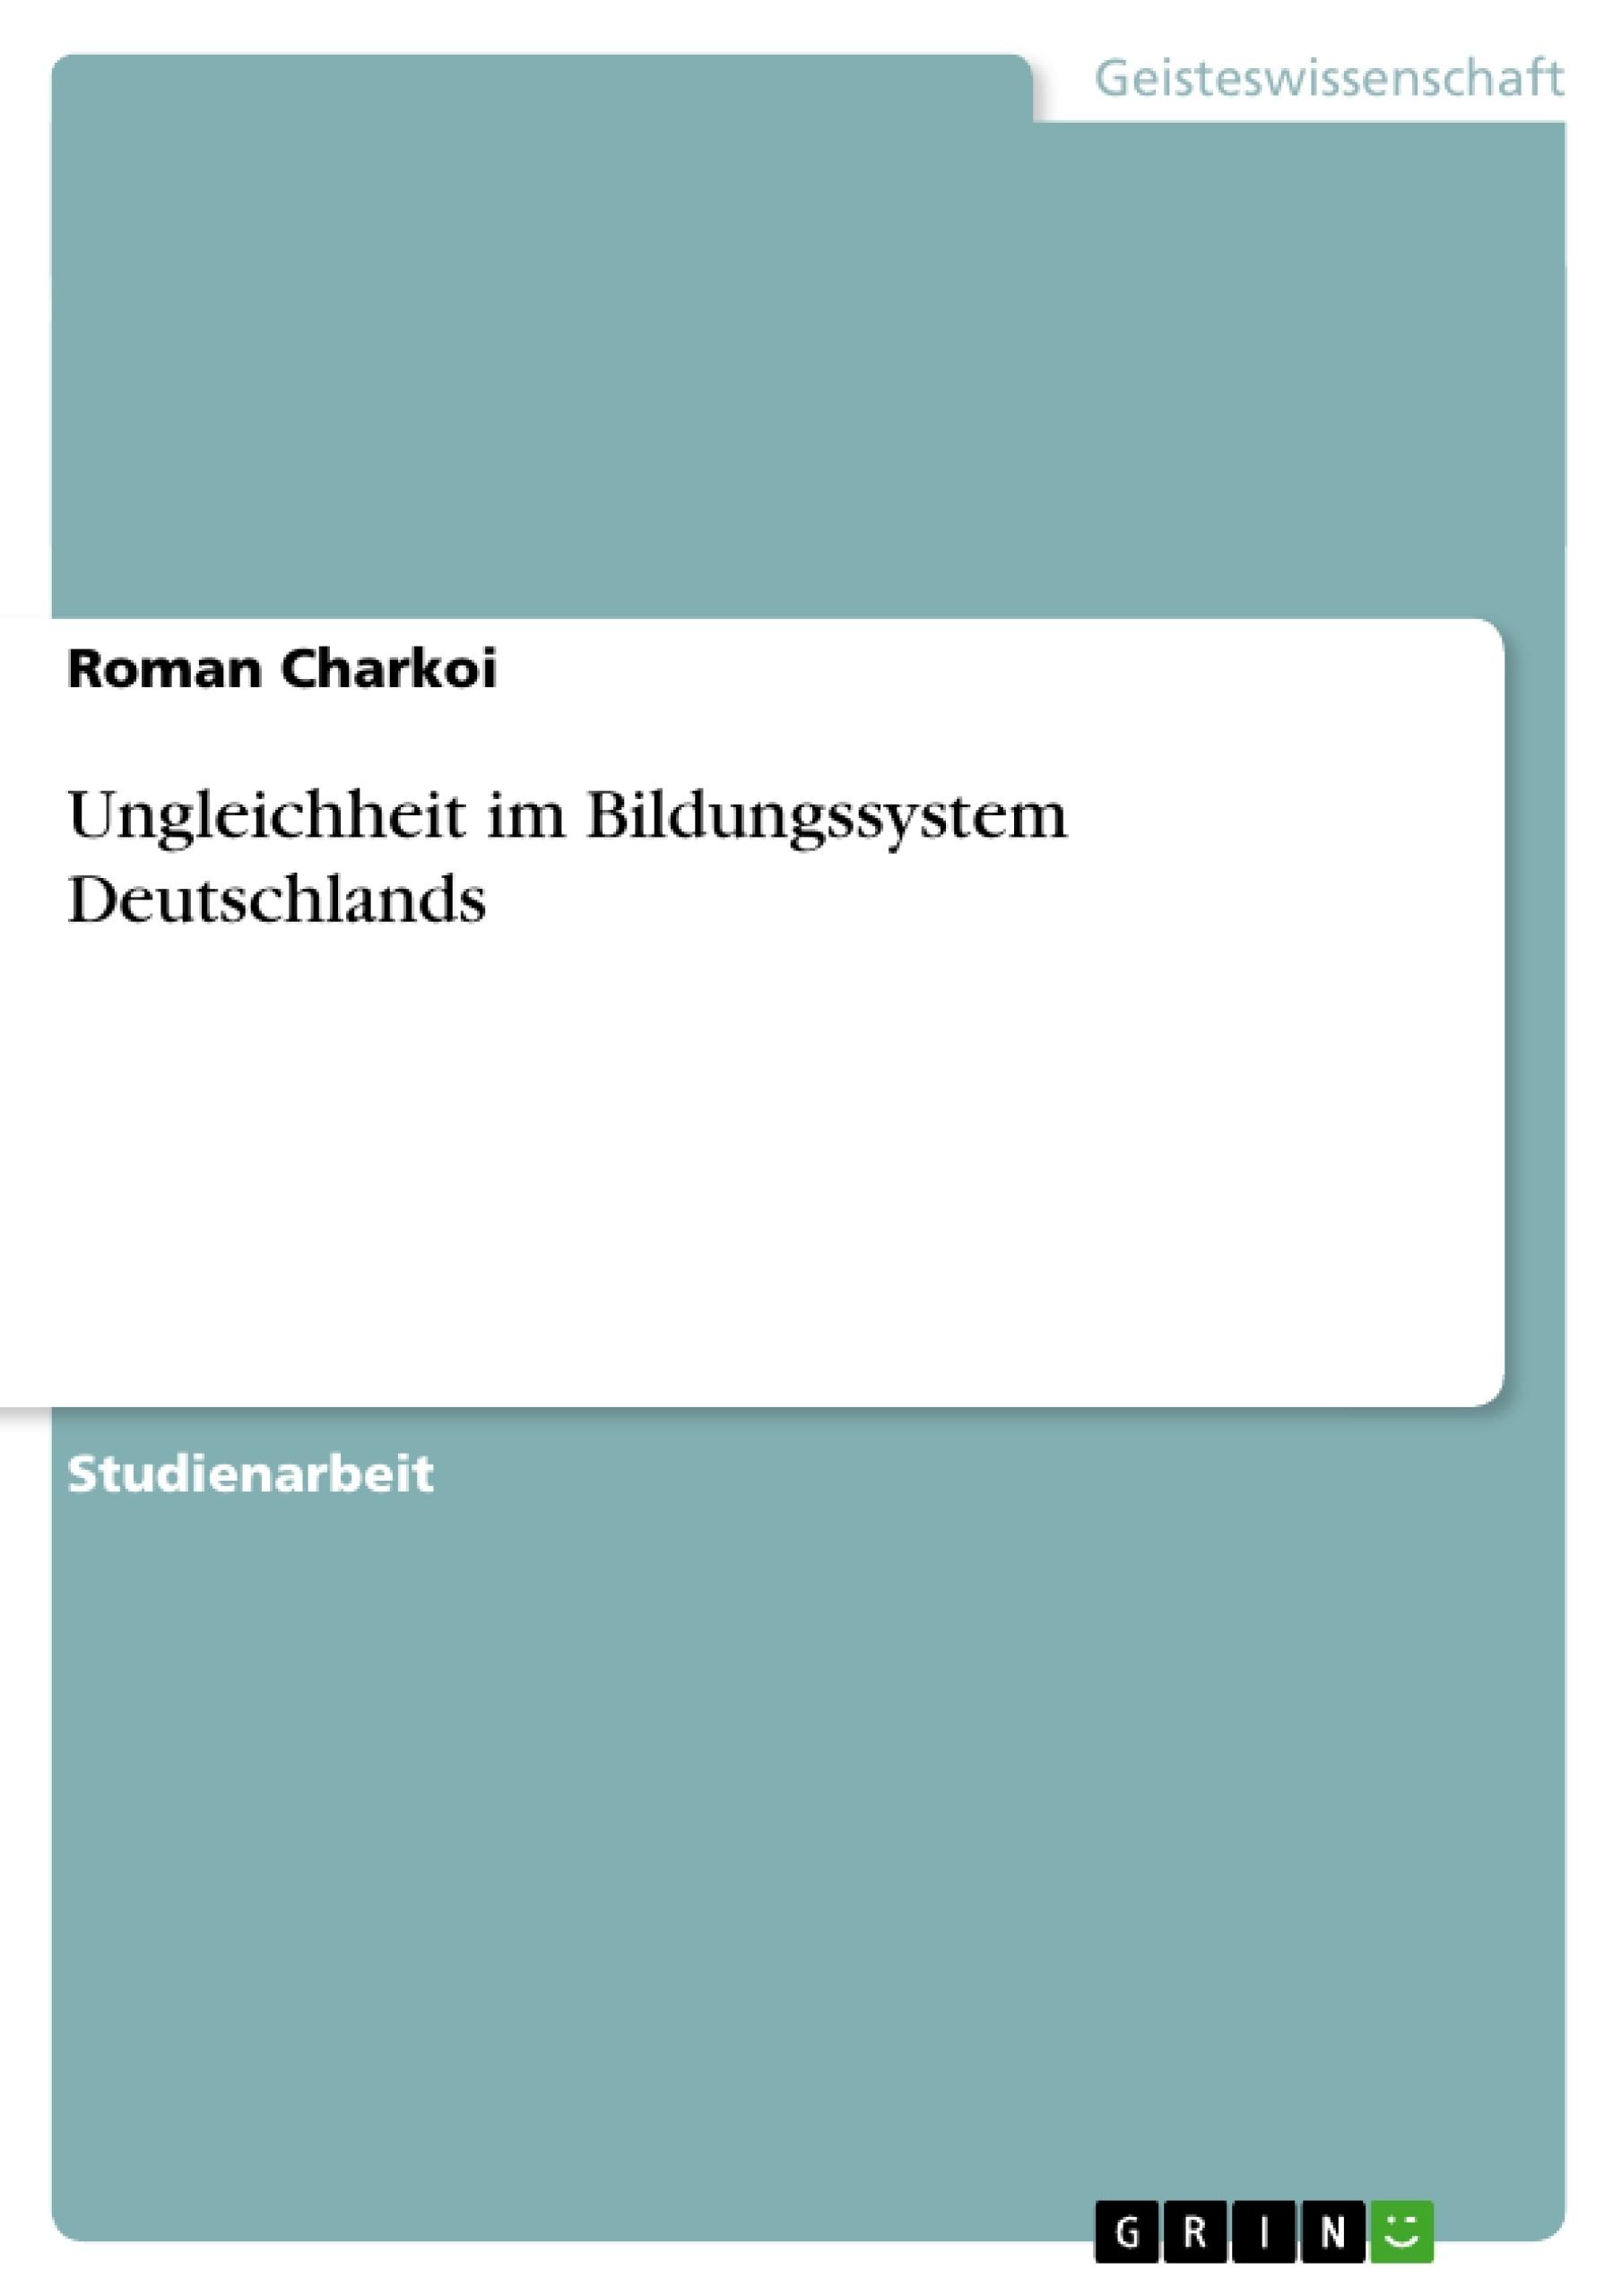 Titel: Ungleichheit im Bildungssystem Deutschlands